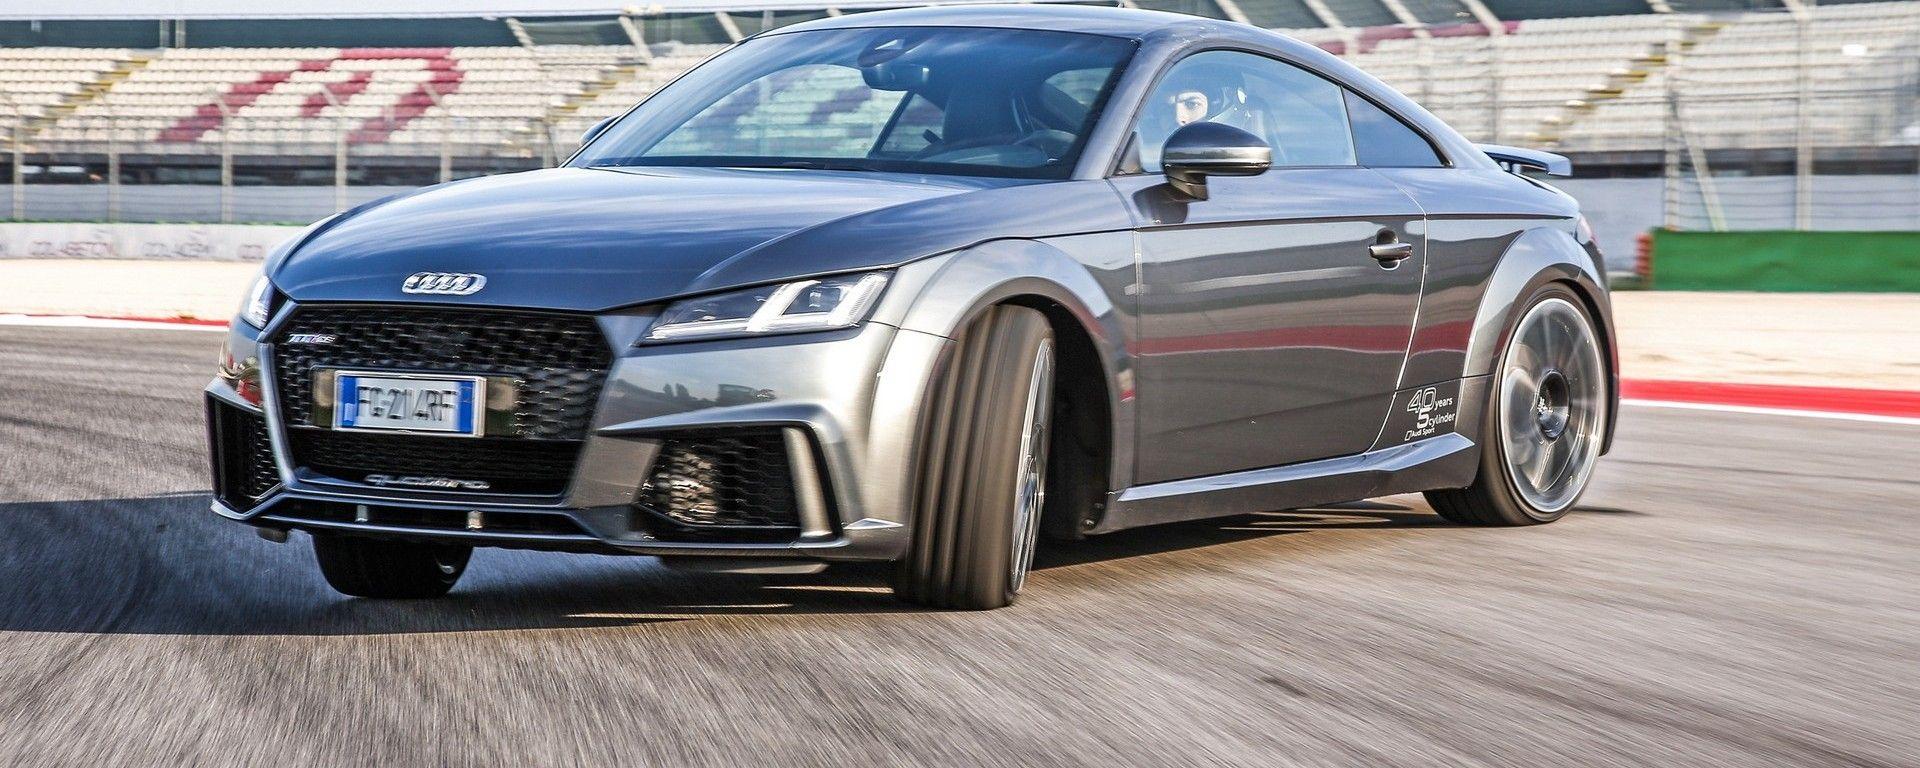 Nuova Audi TT RS 2017: va anche di traverso